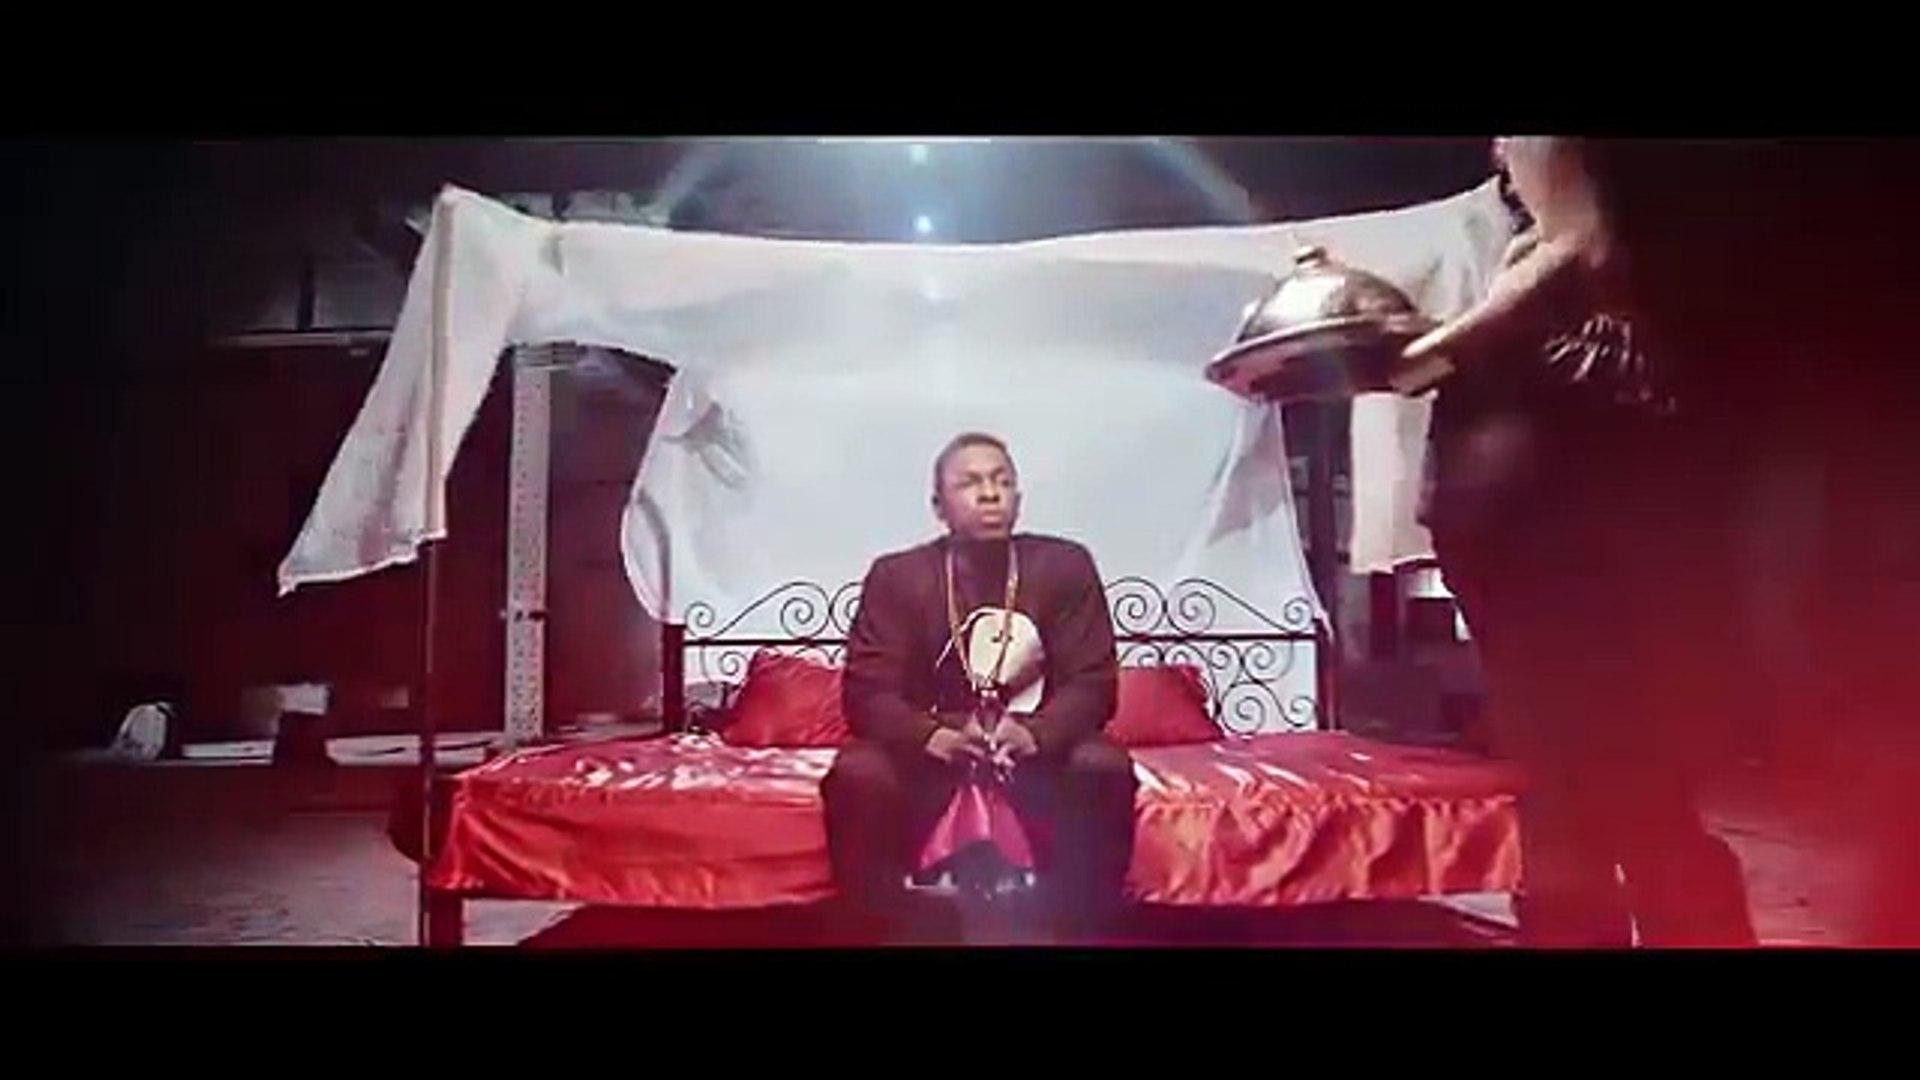 Runtown  - Gallardo ft  Davido - Nigeria music